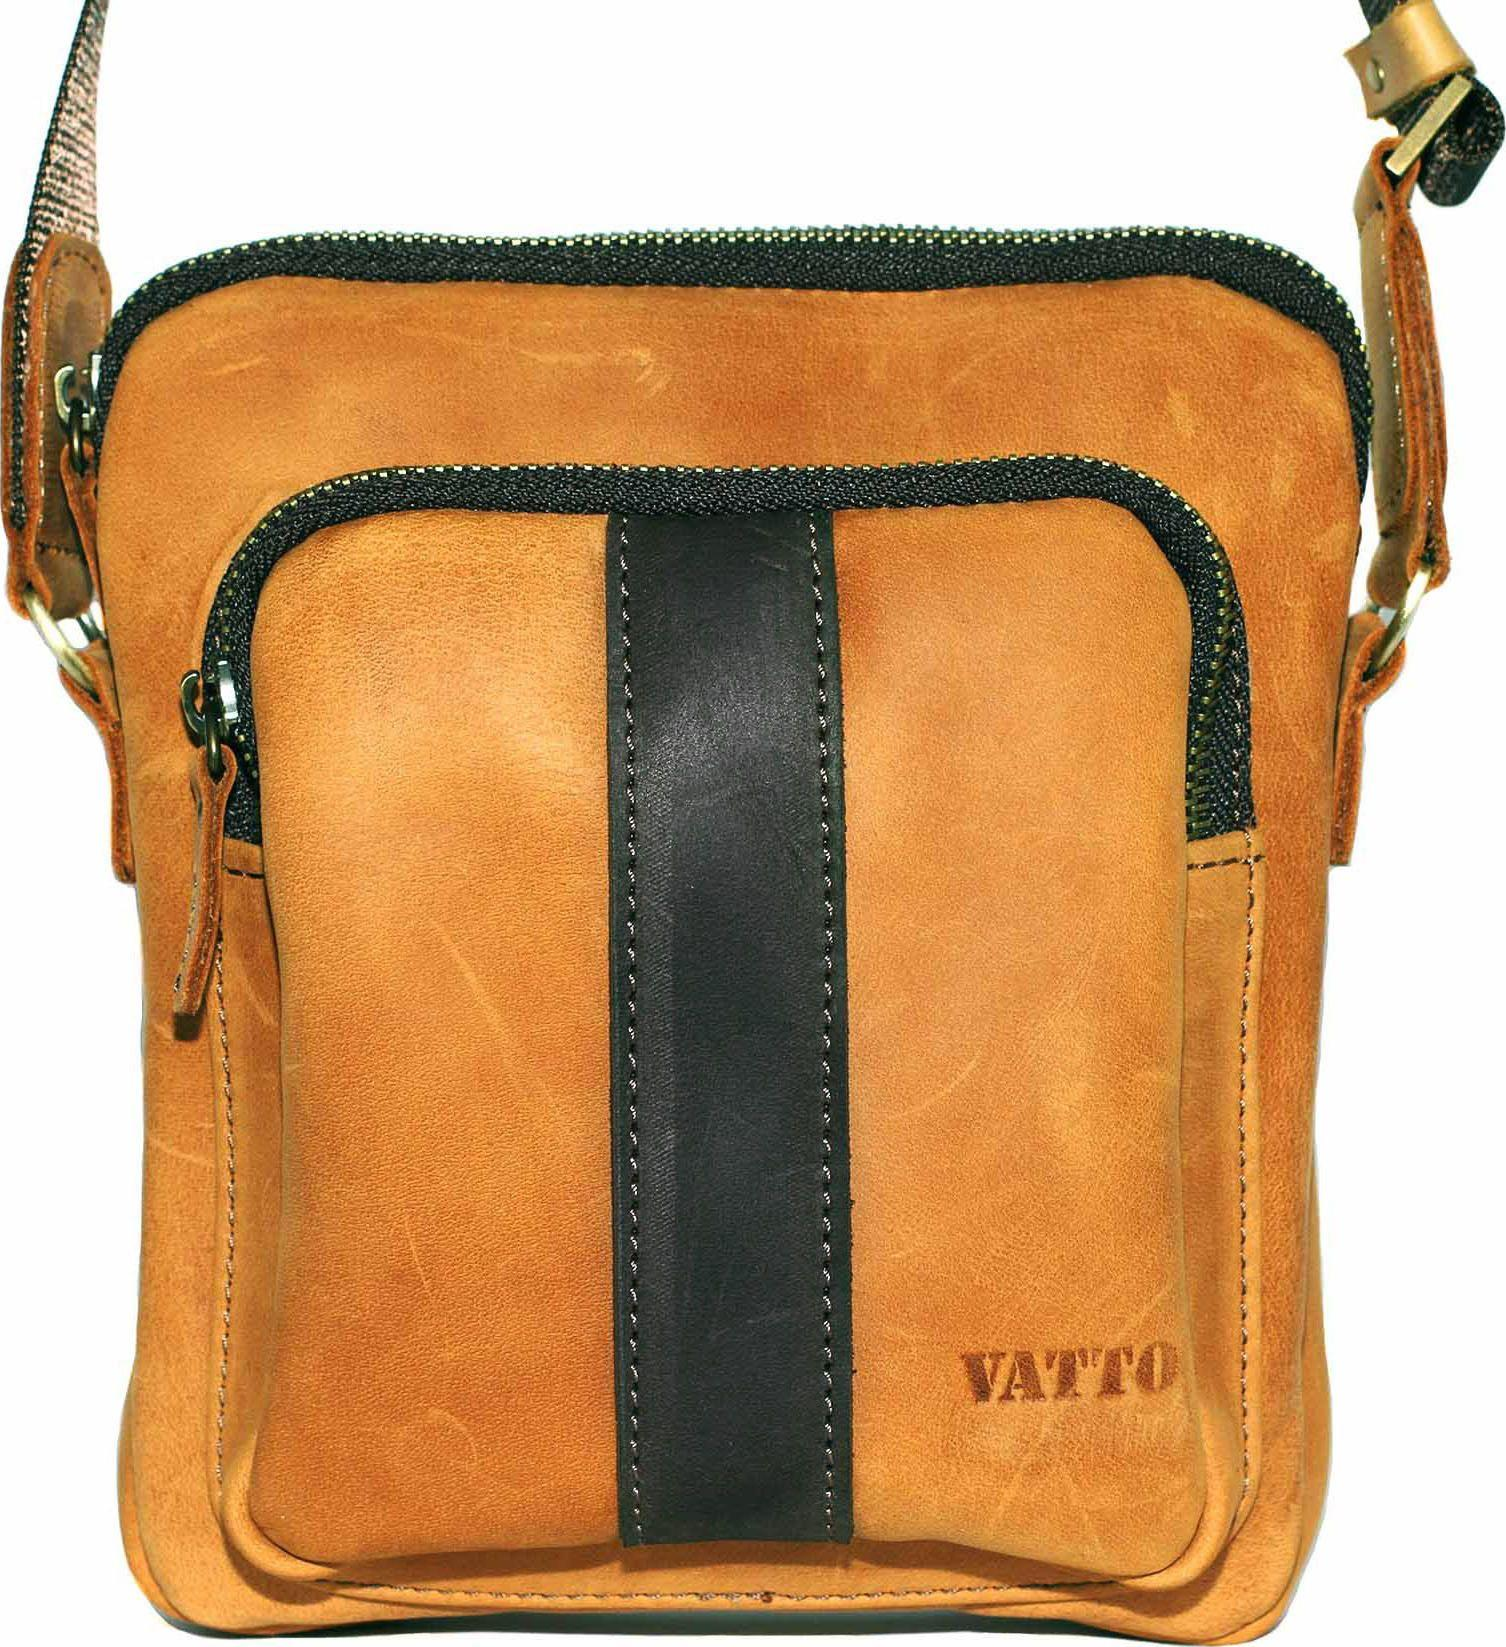 7f6e07513831 Мужская небольшая сумка рыжего цвета с черной вставкой VATTO (12090 ...